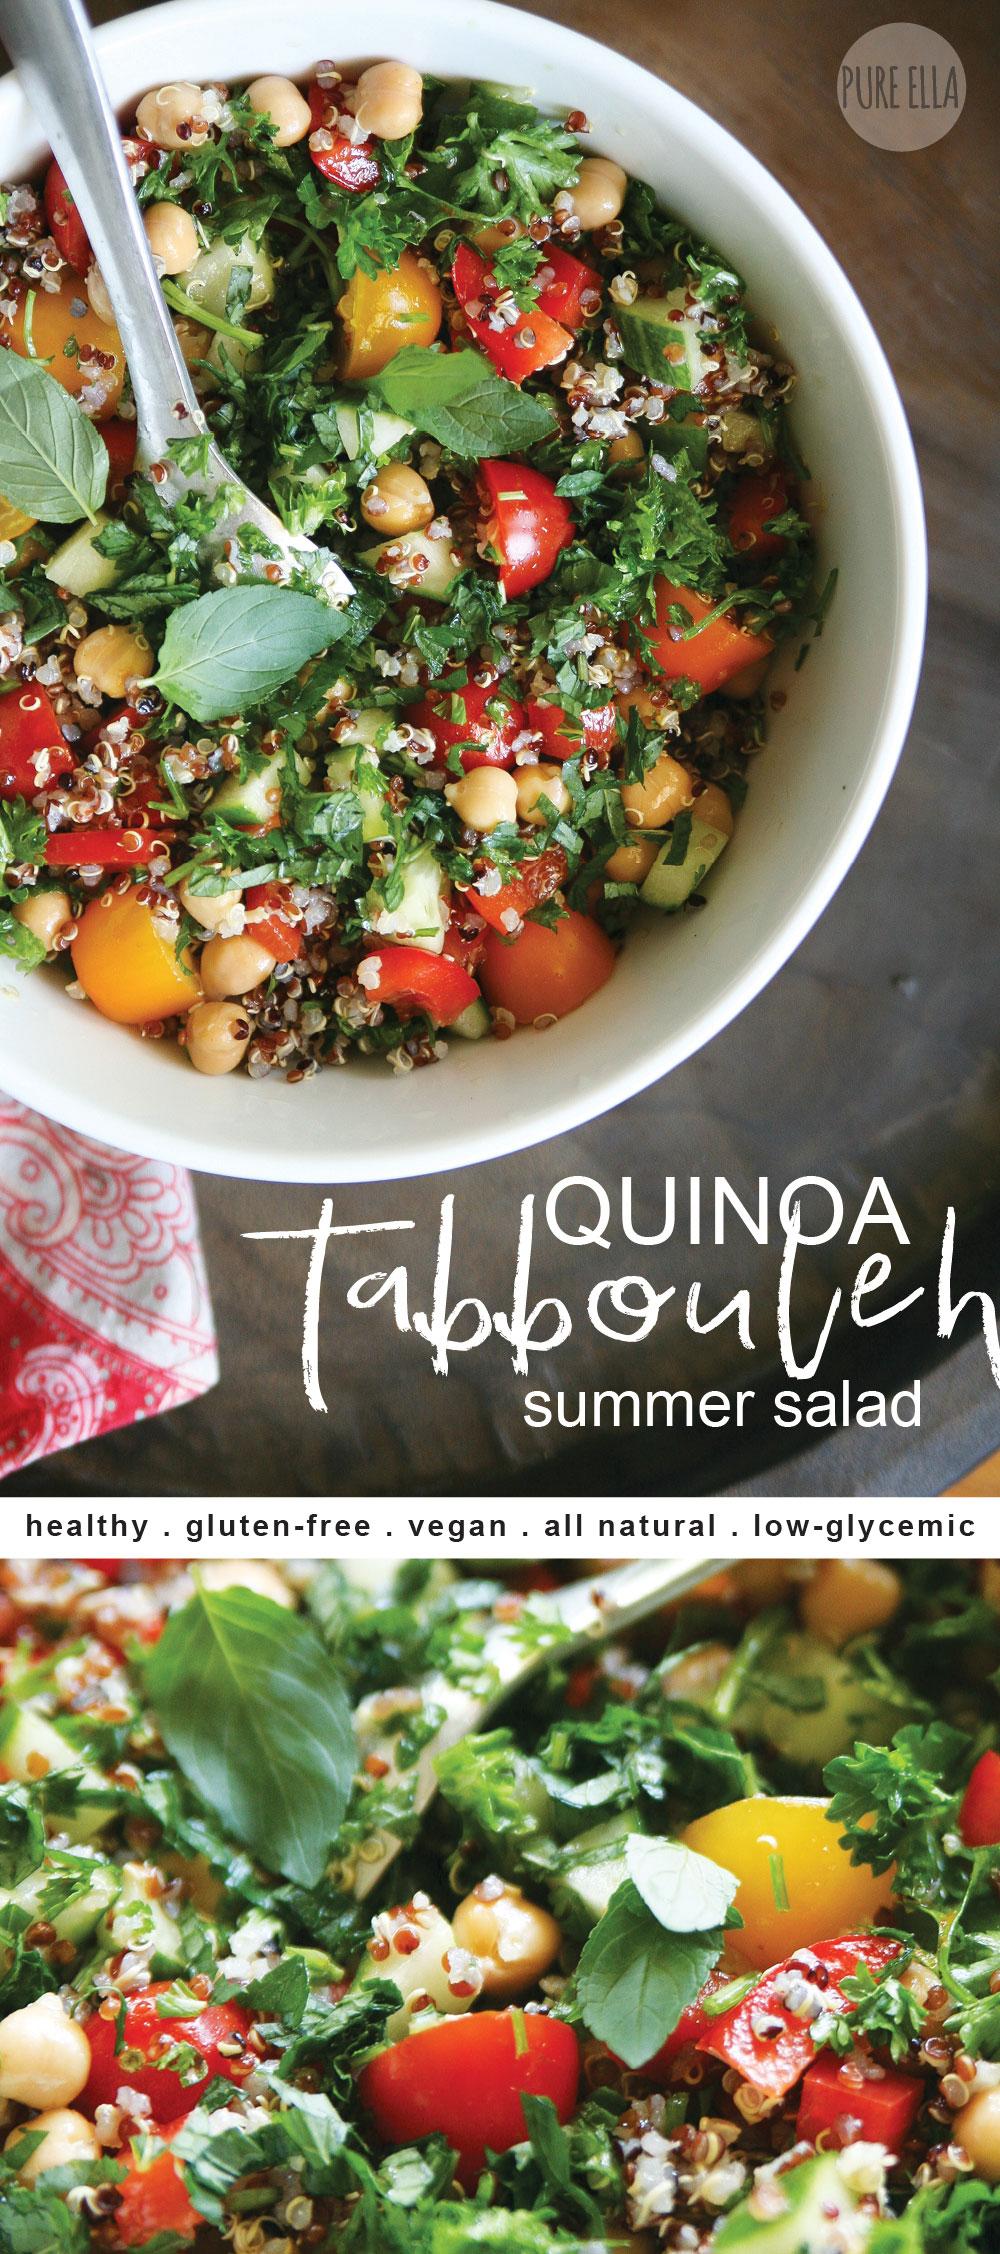 Quinoa-tabbouleh-Summer-Salad-Pure-Ella-Leche4